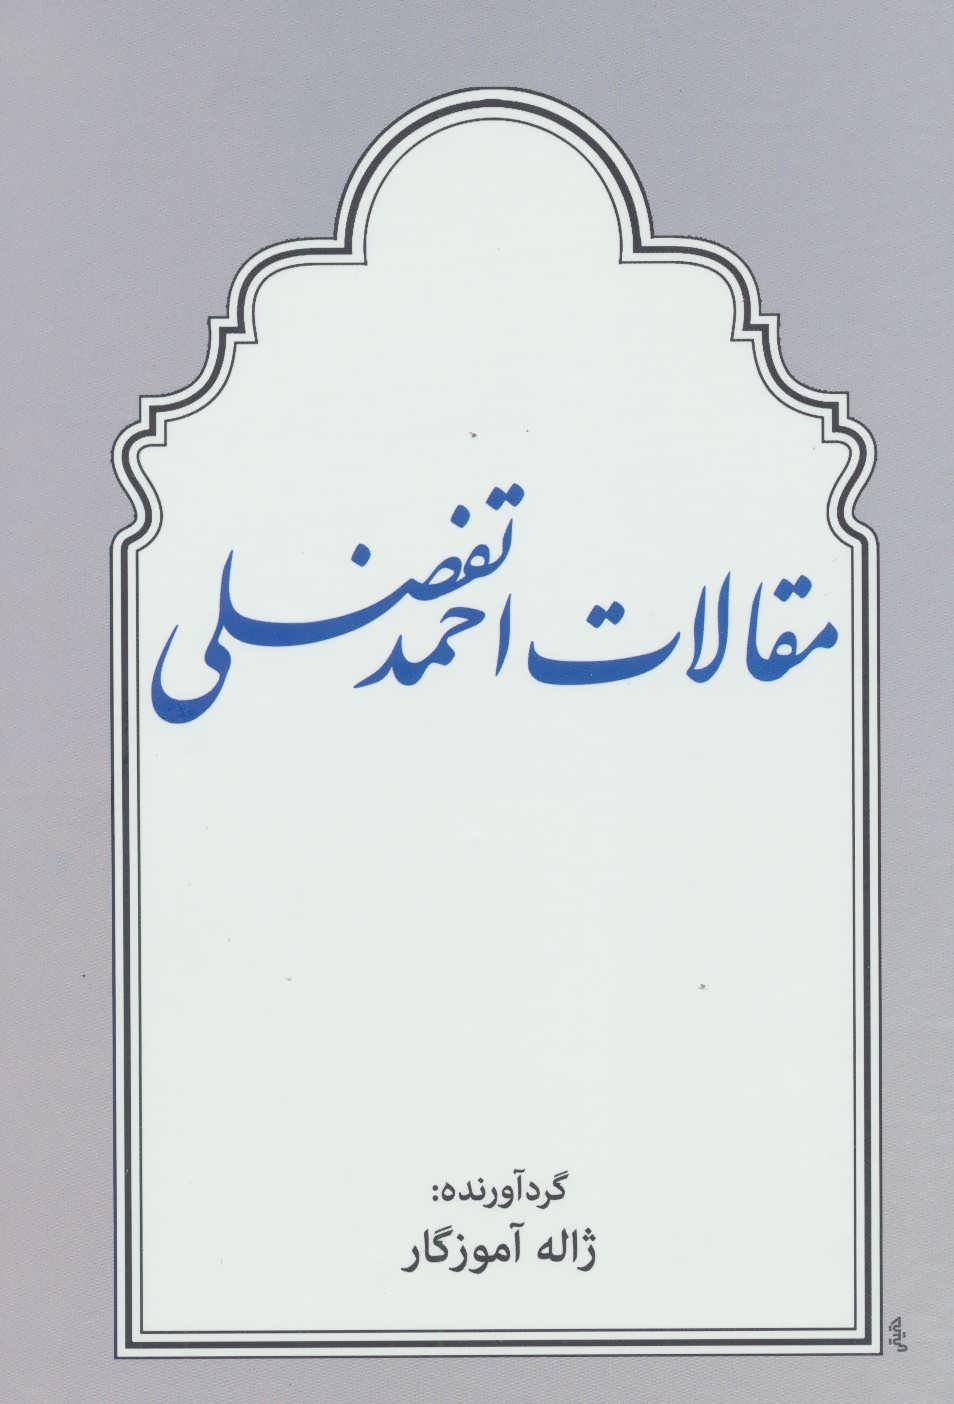 مقالات احمد تفضلی